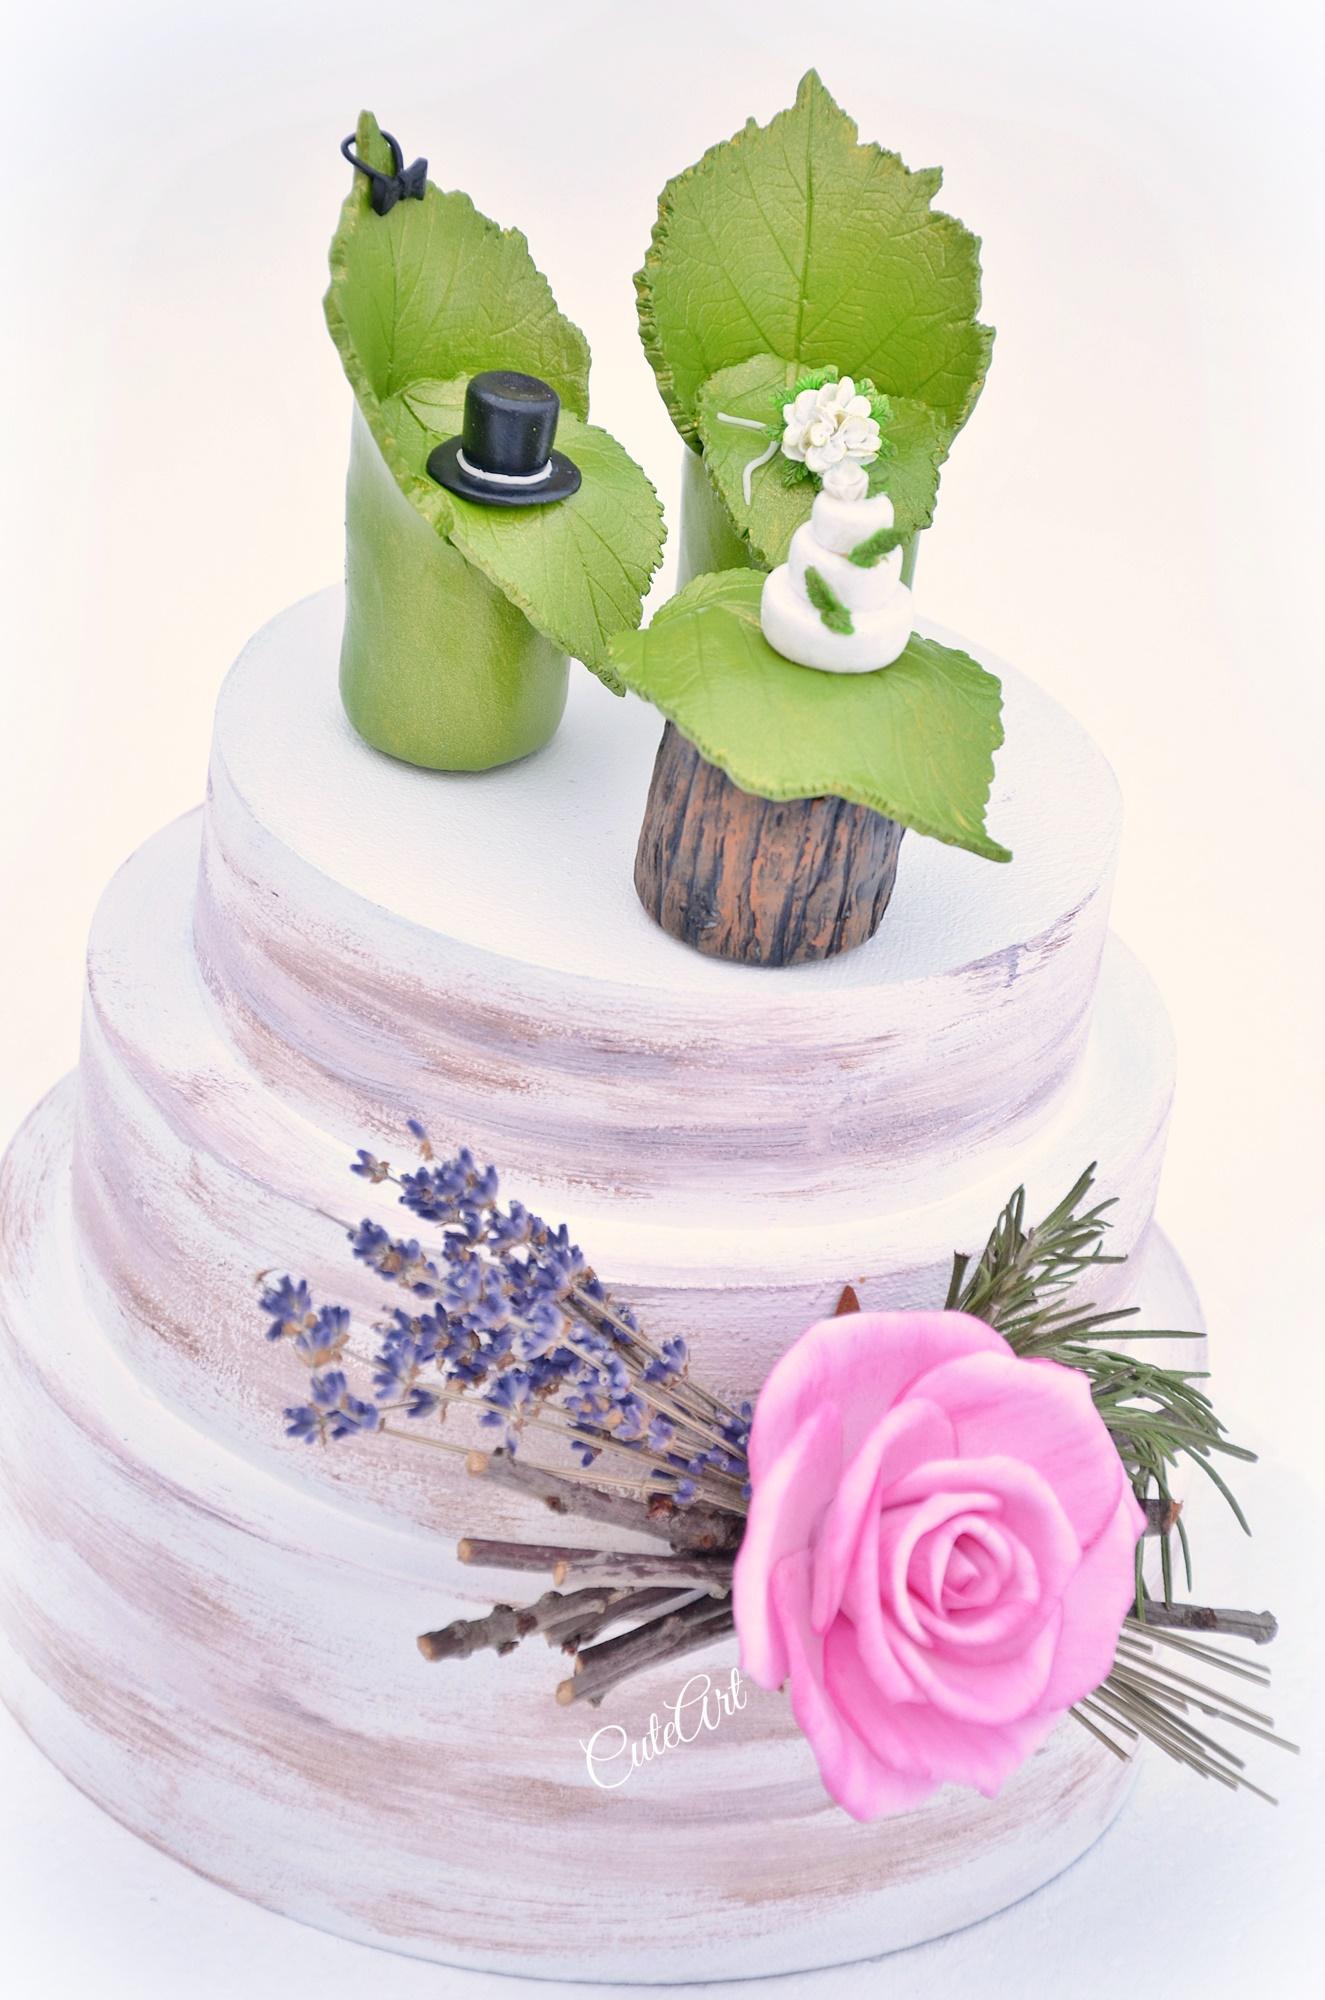 Svadba v prírode - figúrky na svadobnú tortu - CuteArt.sk - Daruj ... a281482e8cf